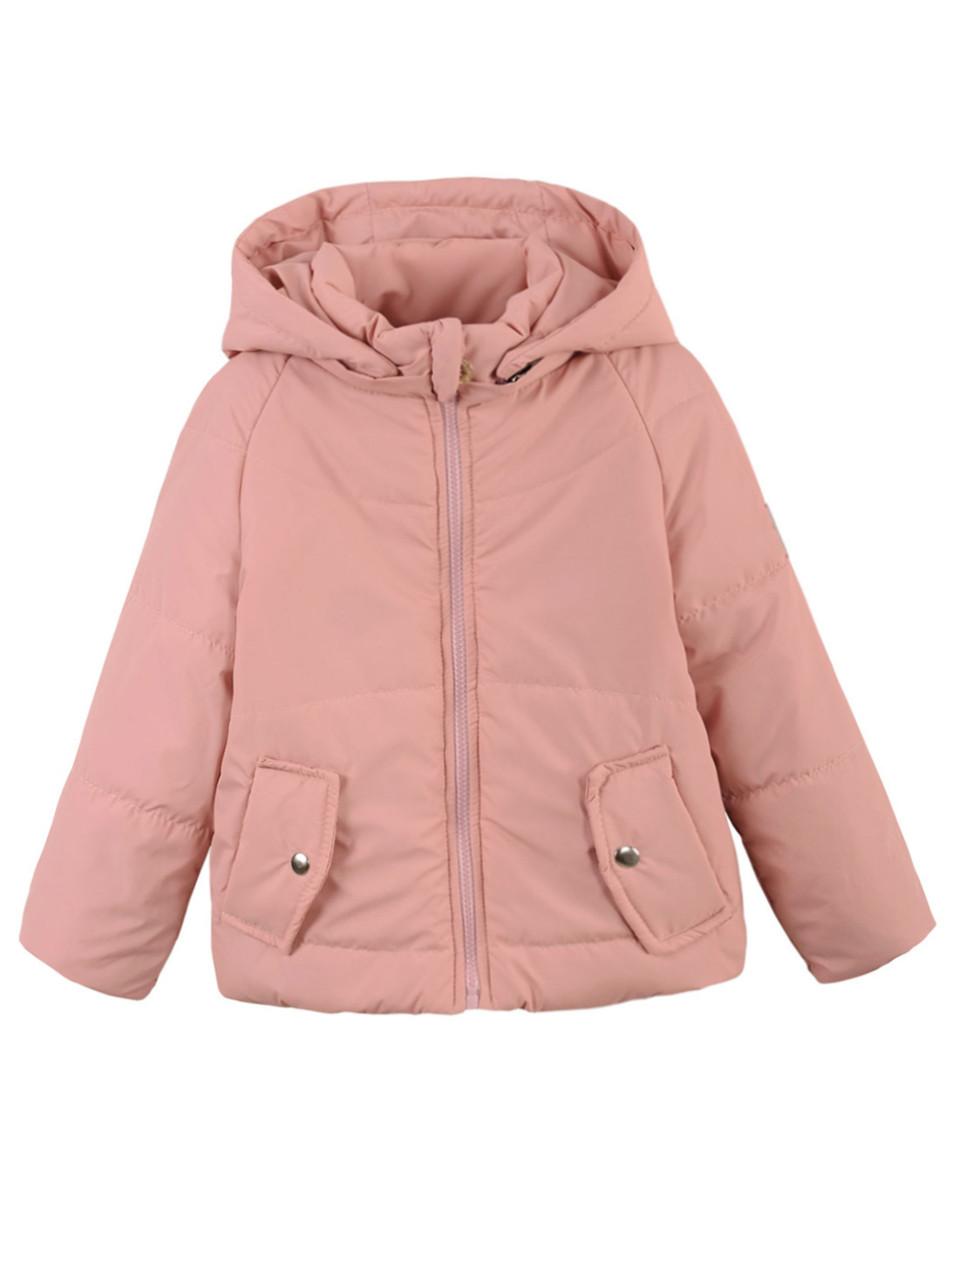 Детская демисезонная куртка на девочку, пудра, р.122,128,134